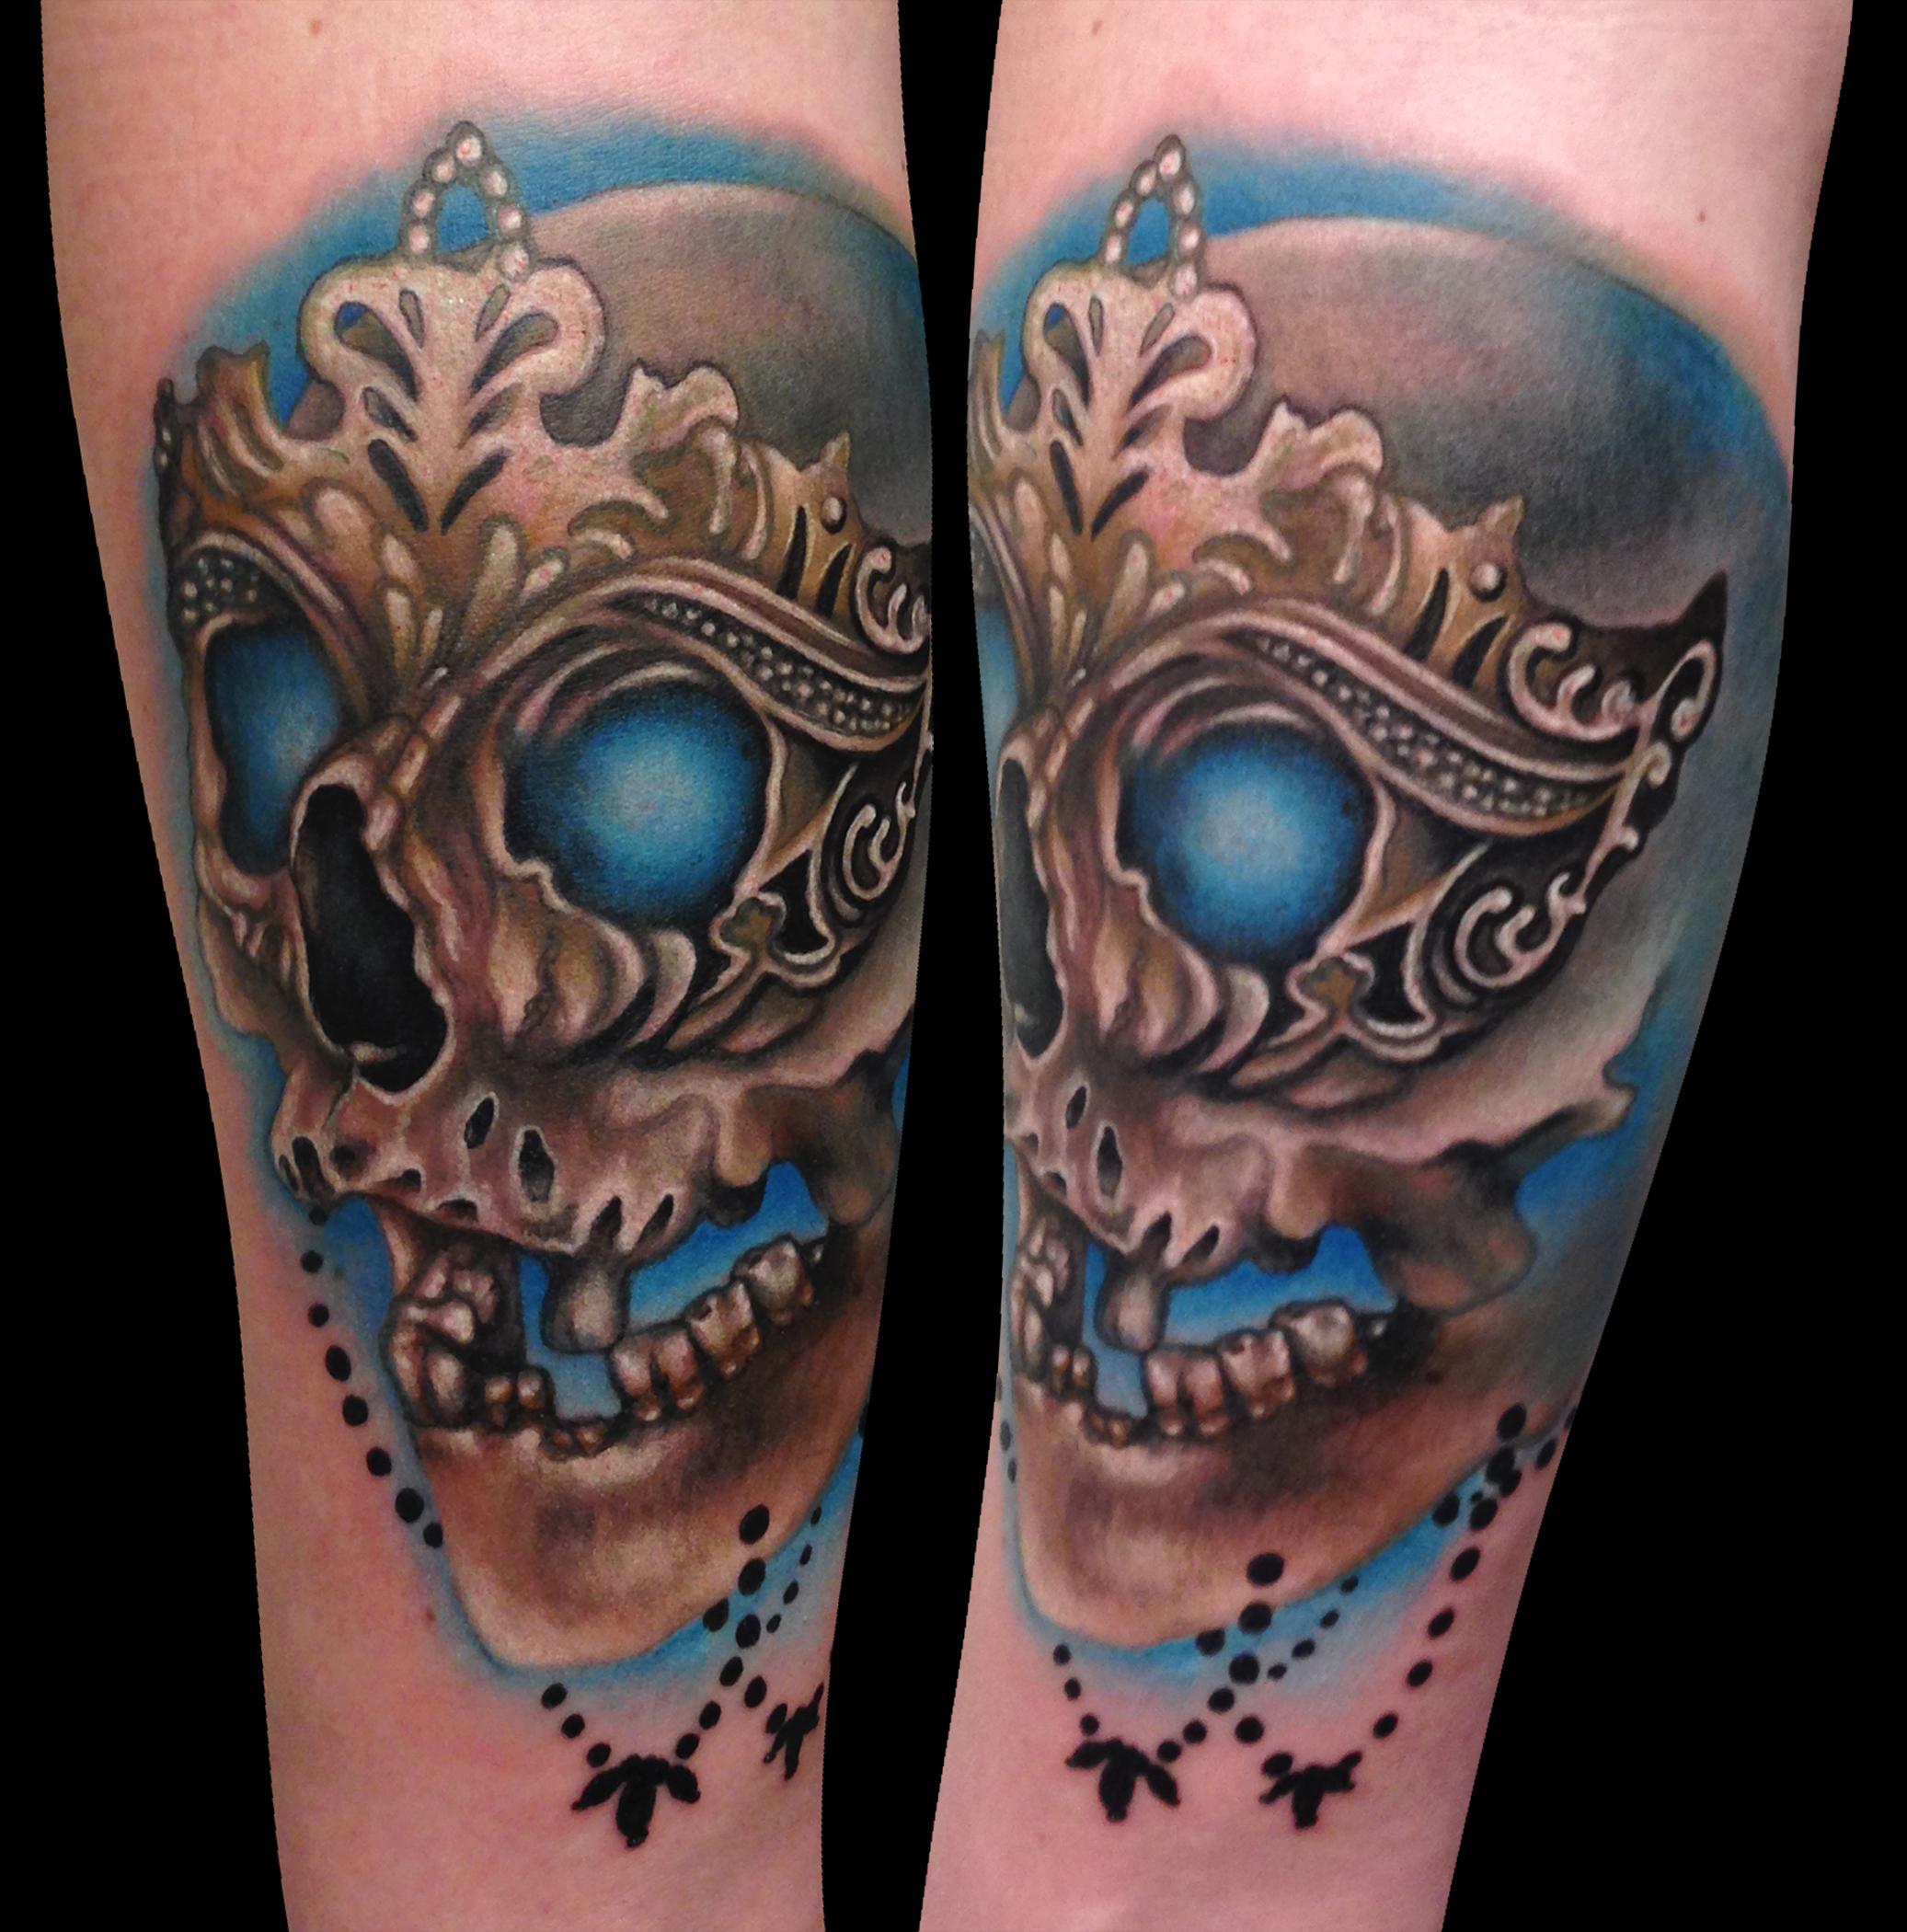 Masquerade skull.jpg